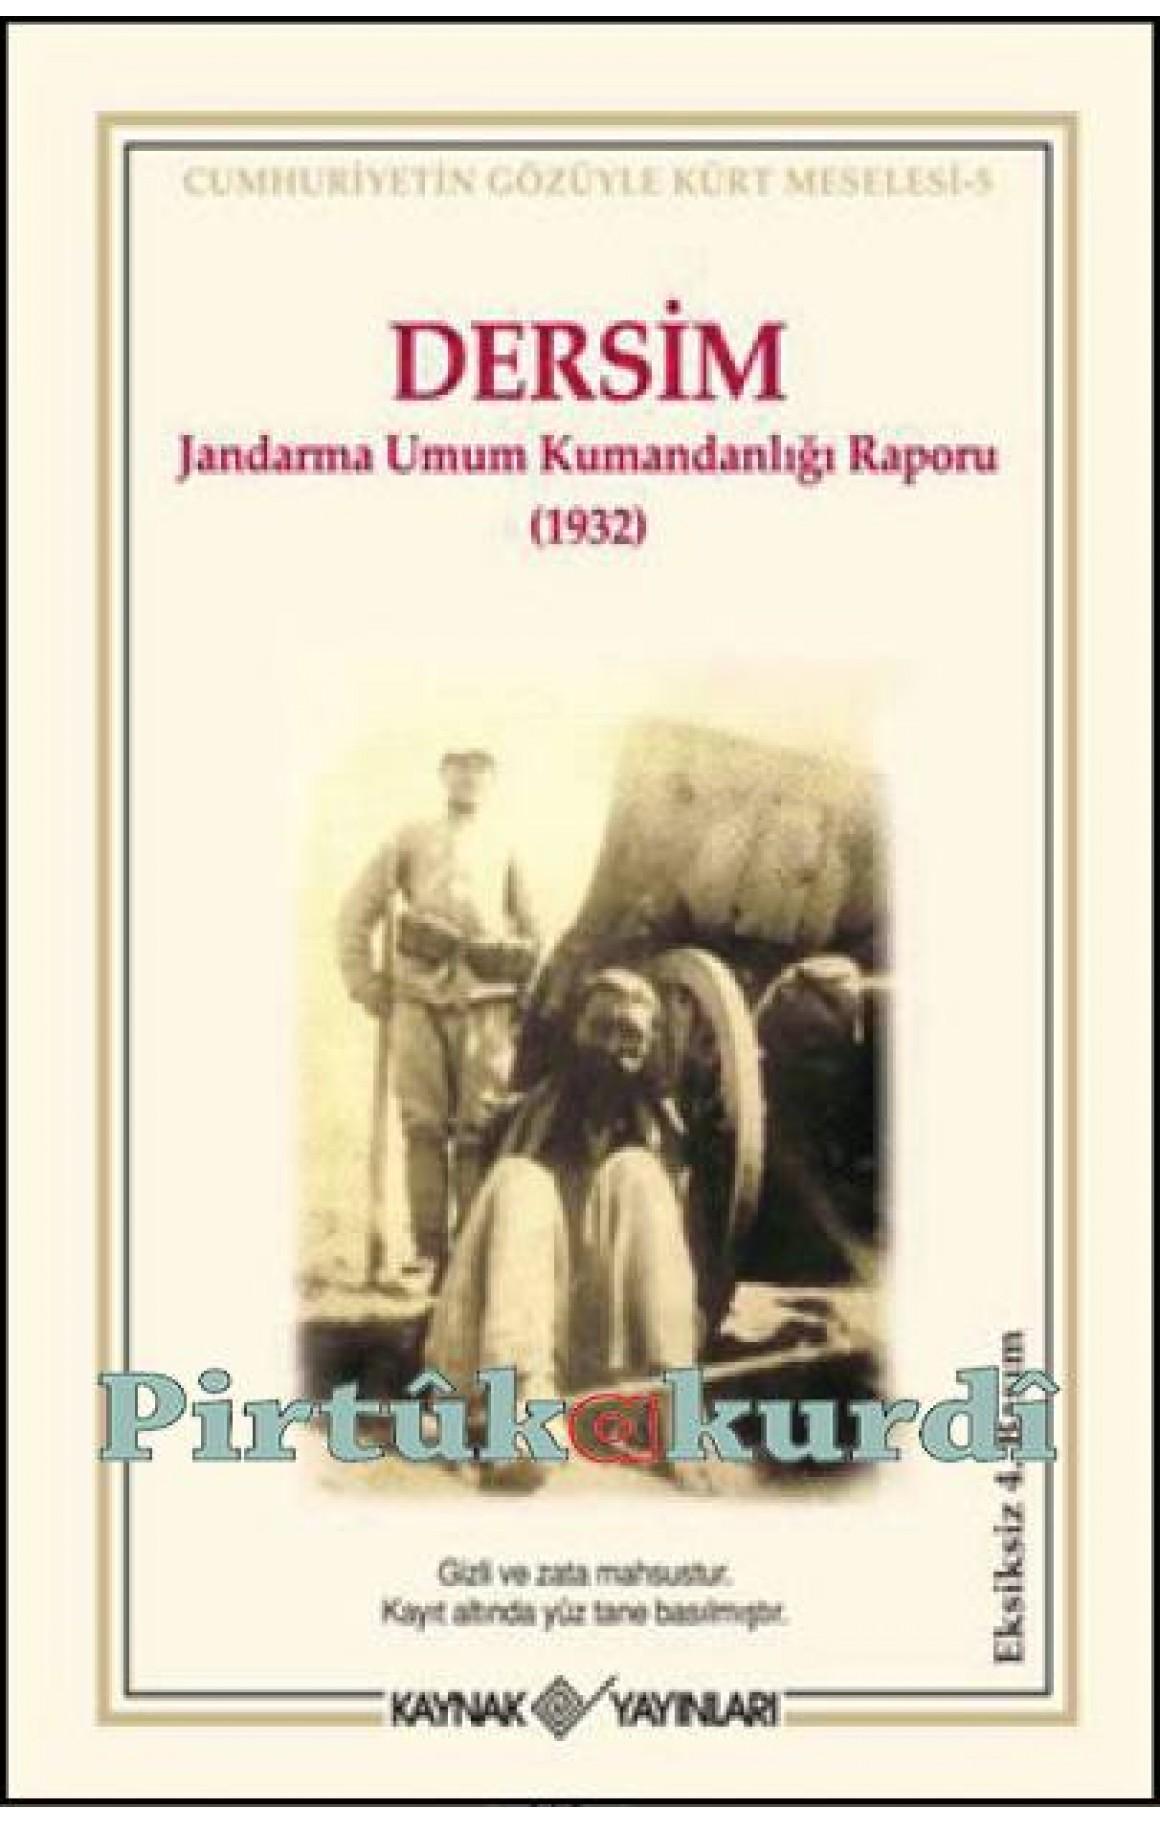 Dersim Jandarma Umum Kumandanlığı Raporu -1932 1932